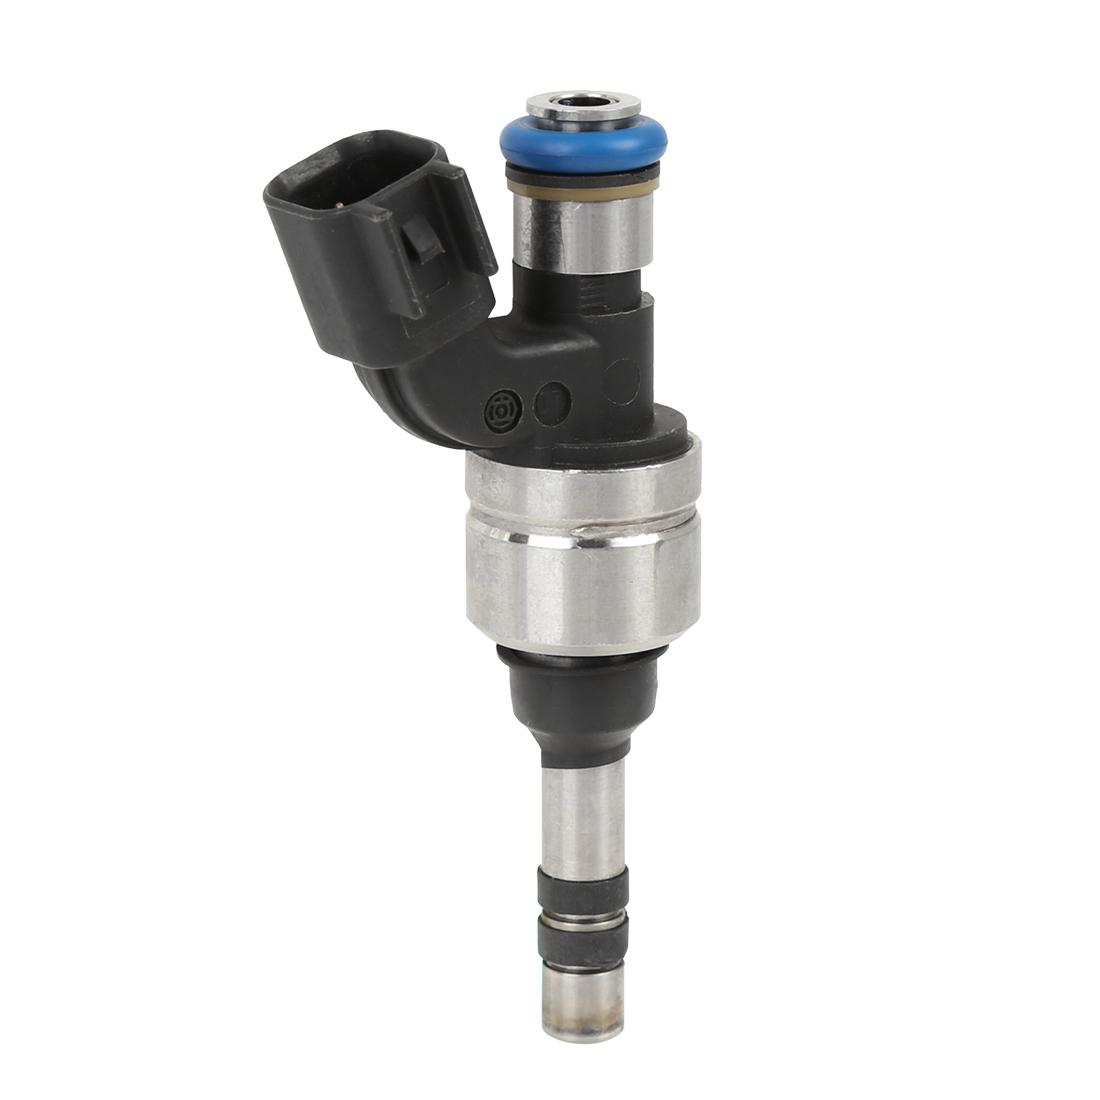 Car Flow Matched Fuel Injector Nozzle 12608362 for Buick Regal CXL Sedan 2011